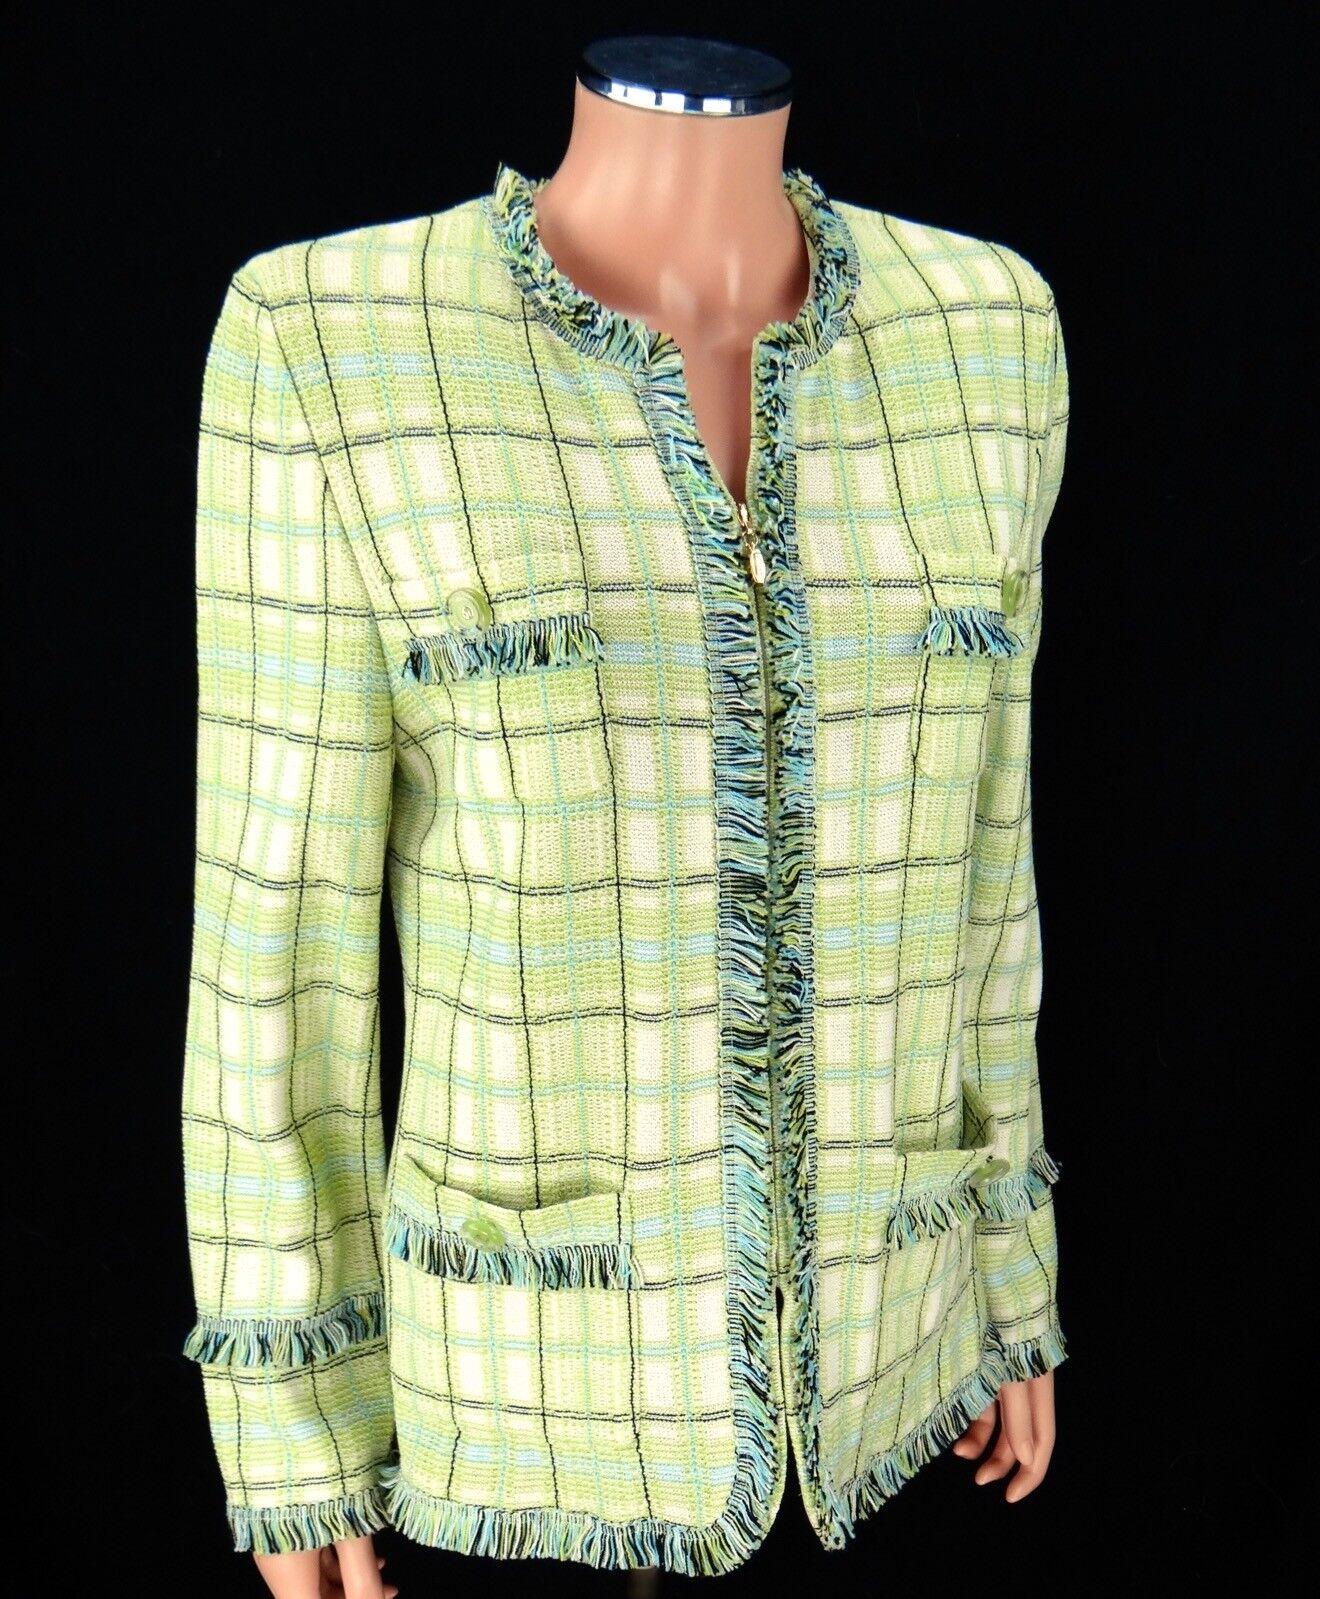 ST JOHN colección flecos Cremallera Chaqueta  Tamaño 10 Peridoto Abrigo a cuadros Santana knits  grandes precios de descuento